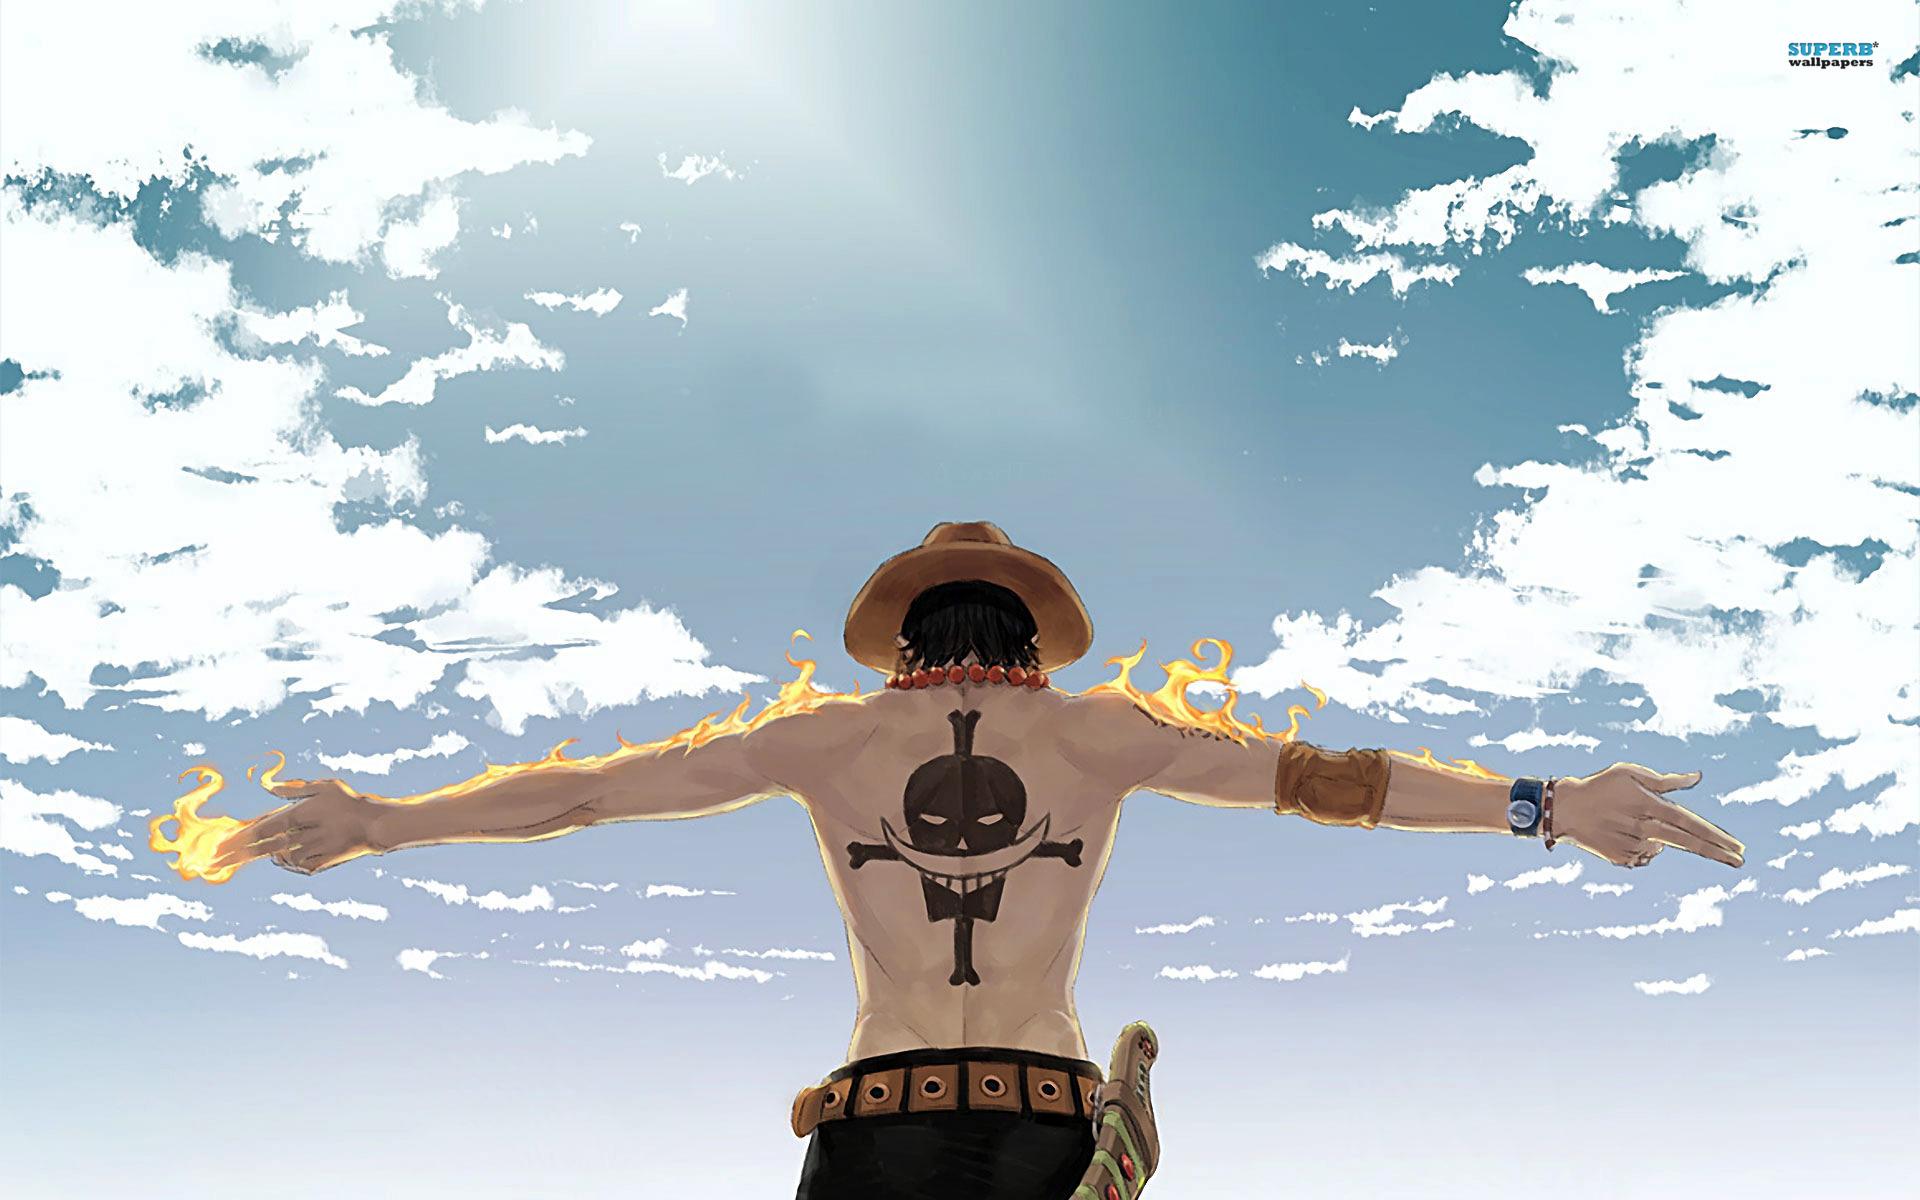 海贼王火拳艾斯之死 火拳艾斯最帅的图片 火拳艾斯壁纸 海